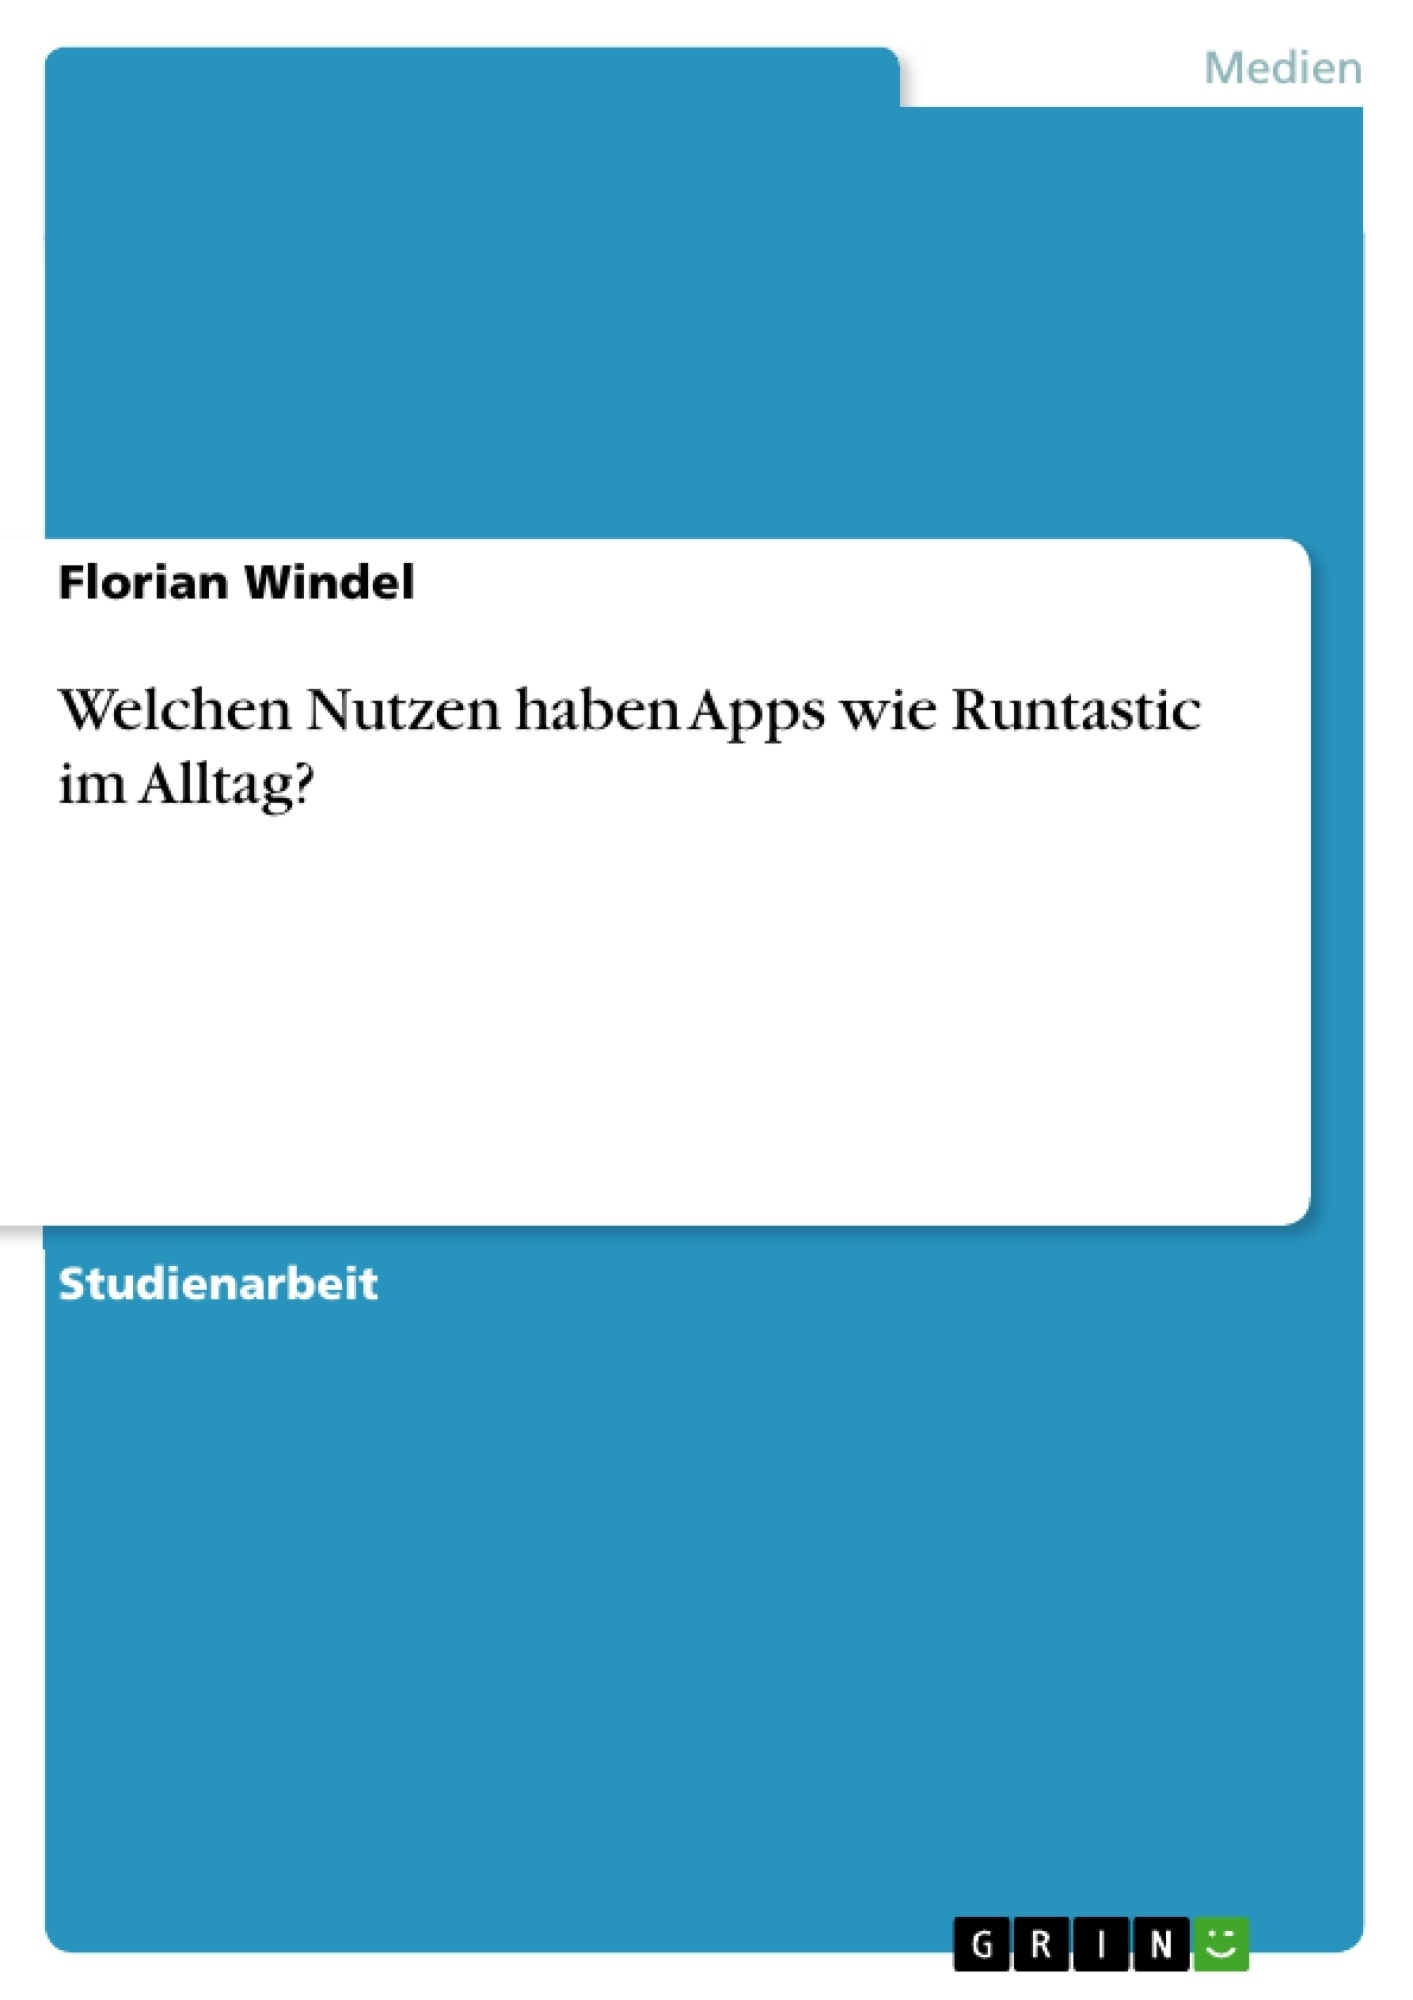 Titel: Welchen Nutzen haben Apps wie Runtastic im Alltag?